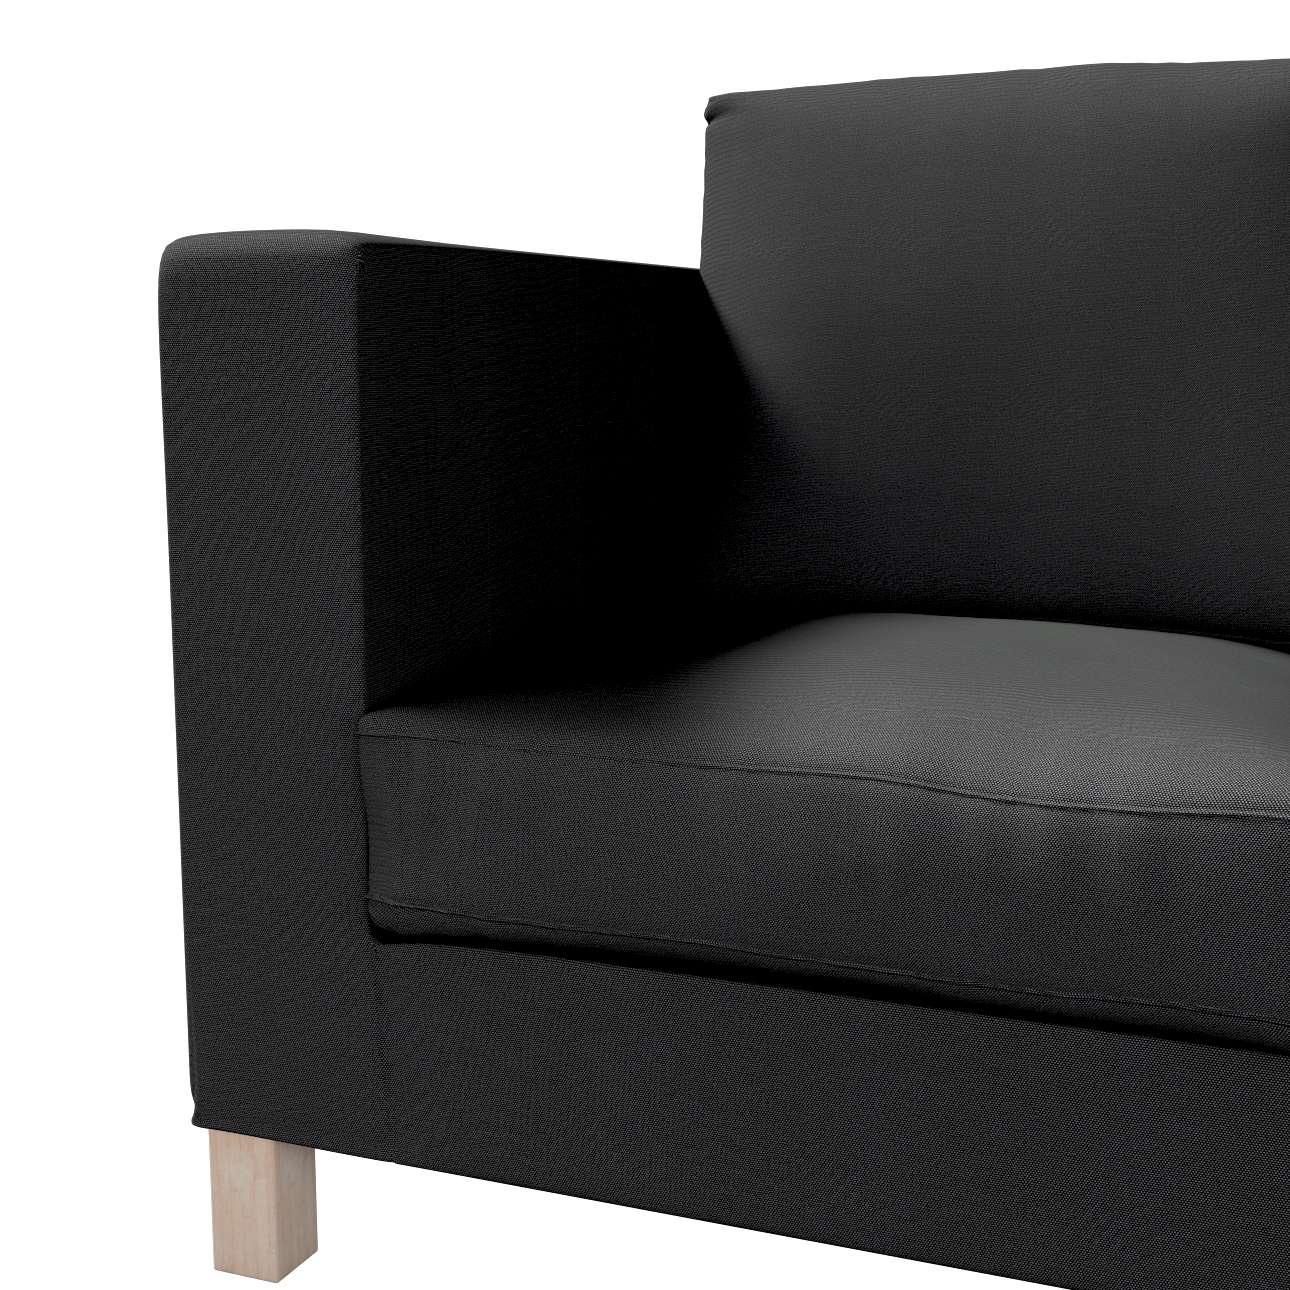 Pokrowiec na sofę Karlanda 3-osobową nierozkładaną, krótki w kolekcji Etna, tkanina: 705-00